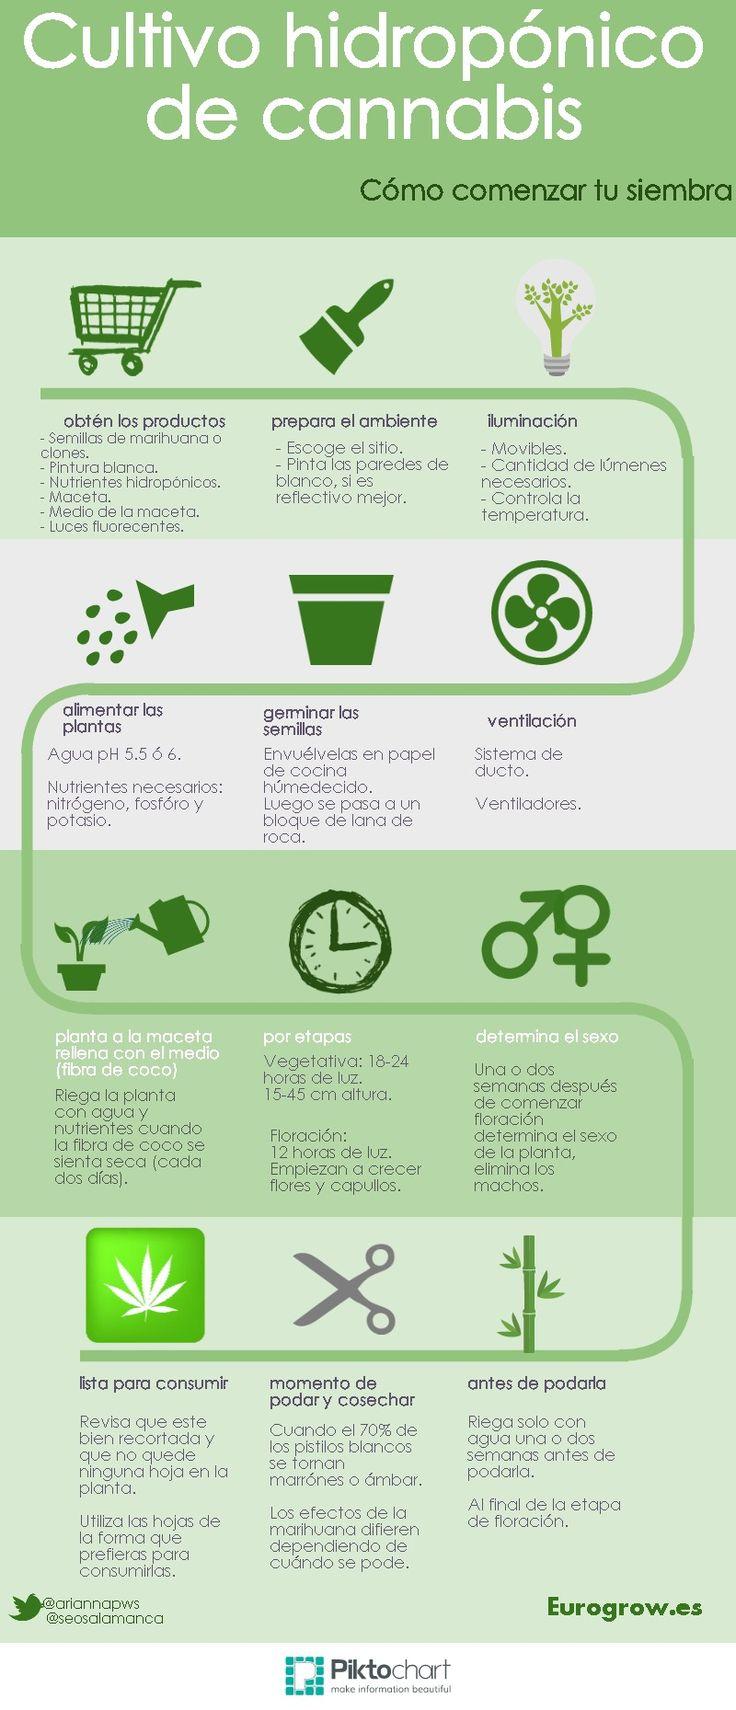 La planta conocida como Cannabis Sativa es muy fácil de cultivar en casa siempre que sepas cómo hacerlo y qué necesitas. Desde grow shop onlines te mostramos detalles de cómo comenzar tu cultivo hi...